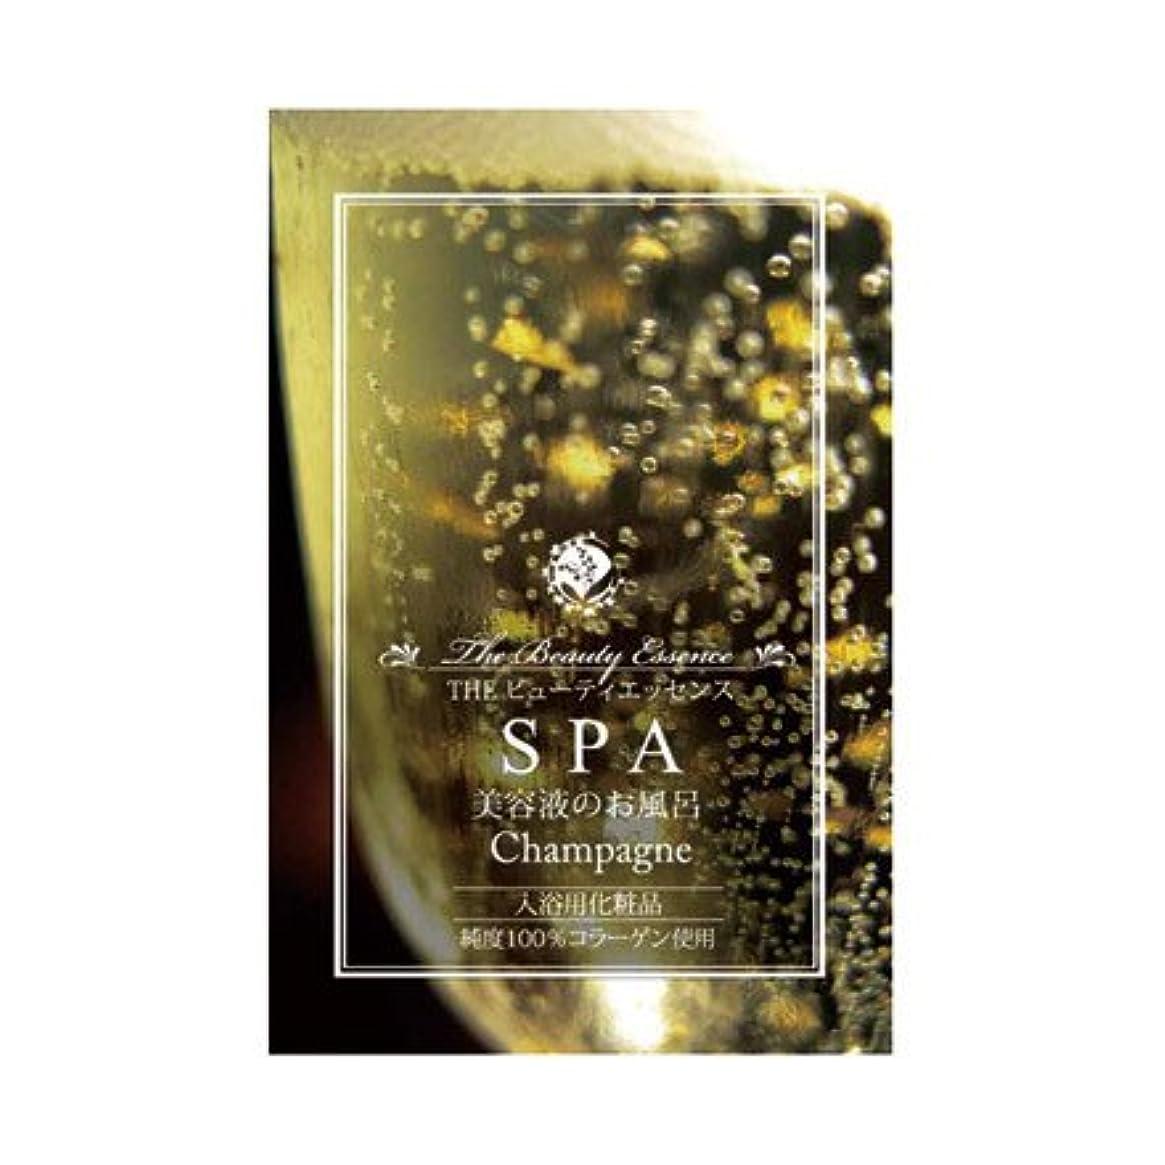 かすれた注ぎますアマゾンジャングルビューティエッセンスSPA シャンパン 50g(入浴剤)